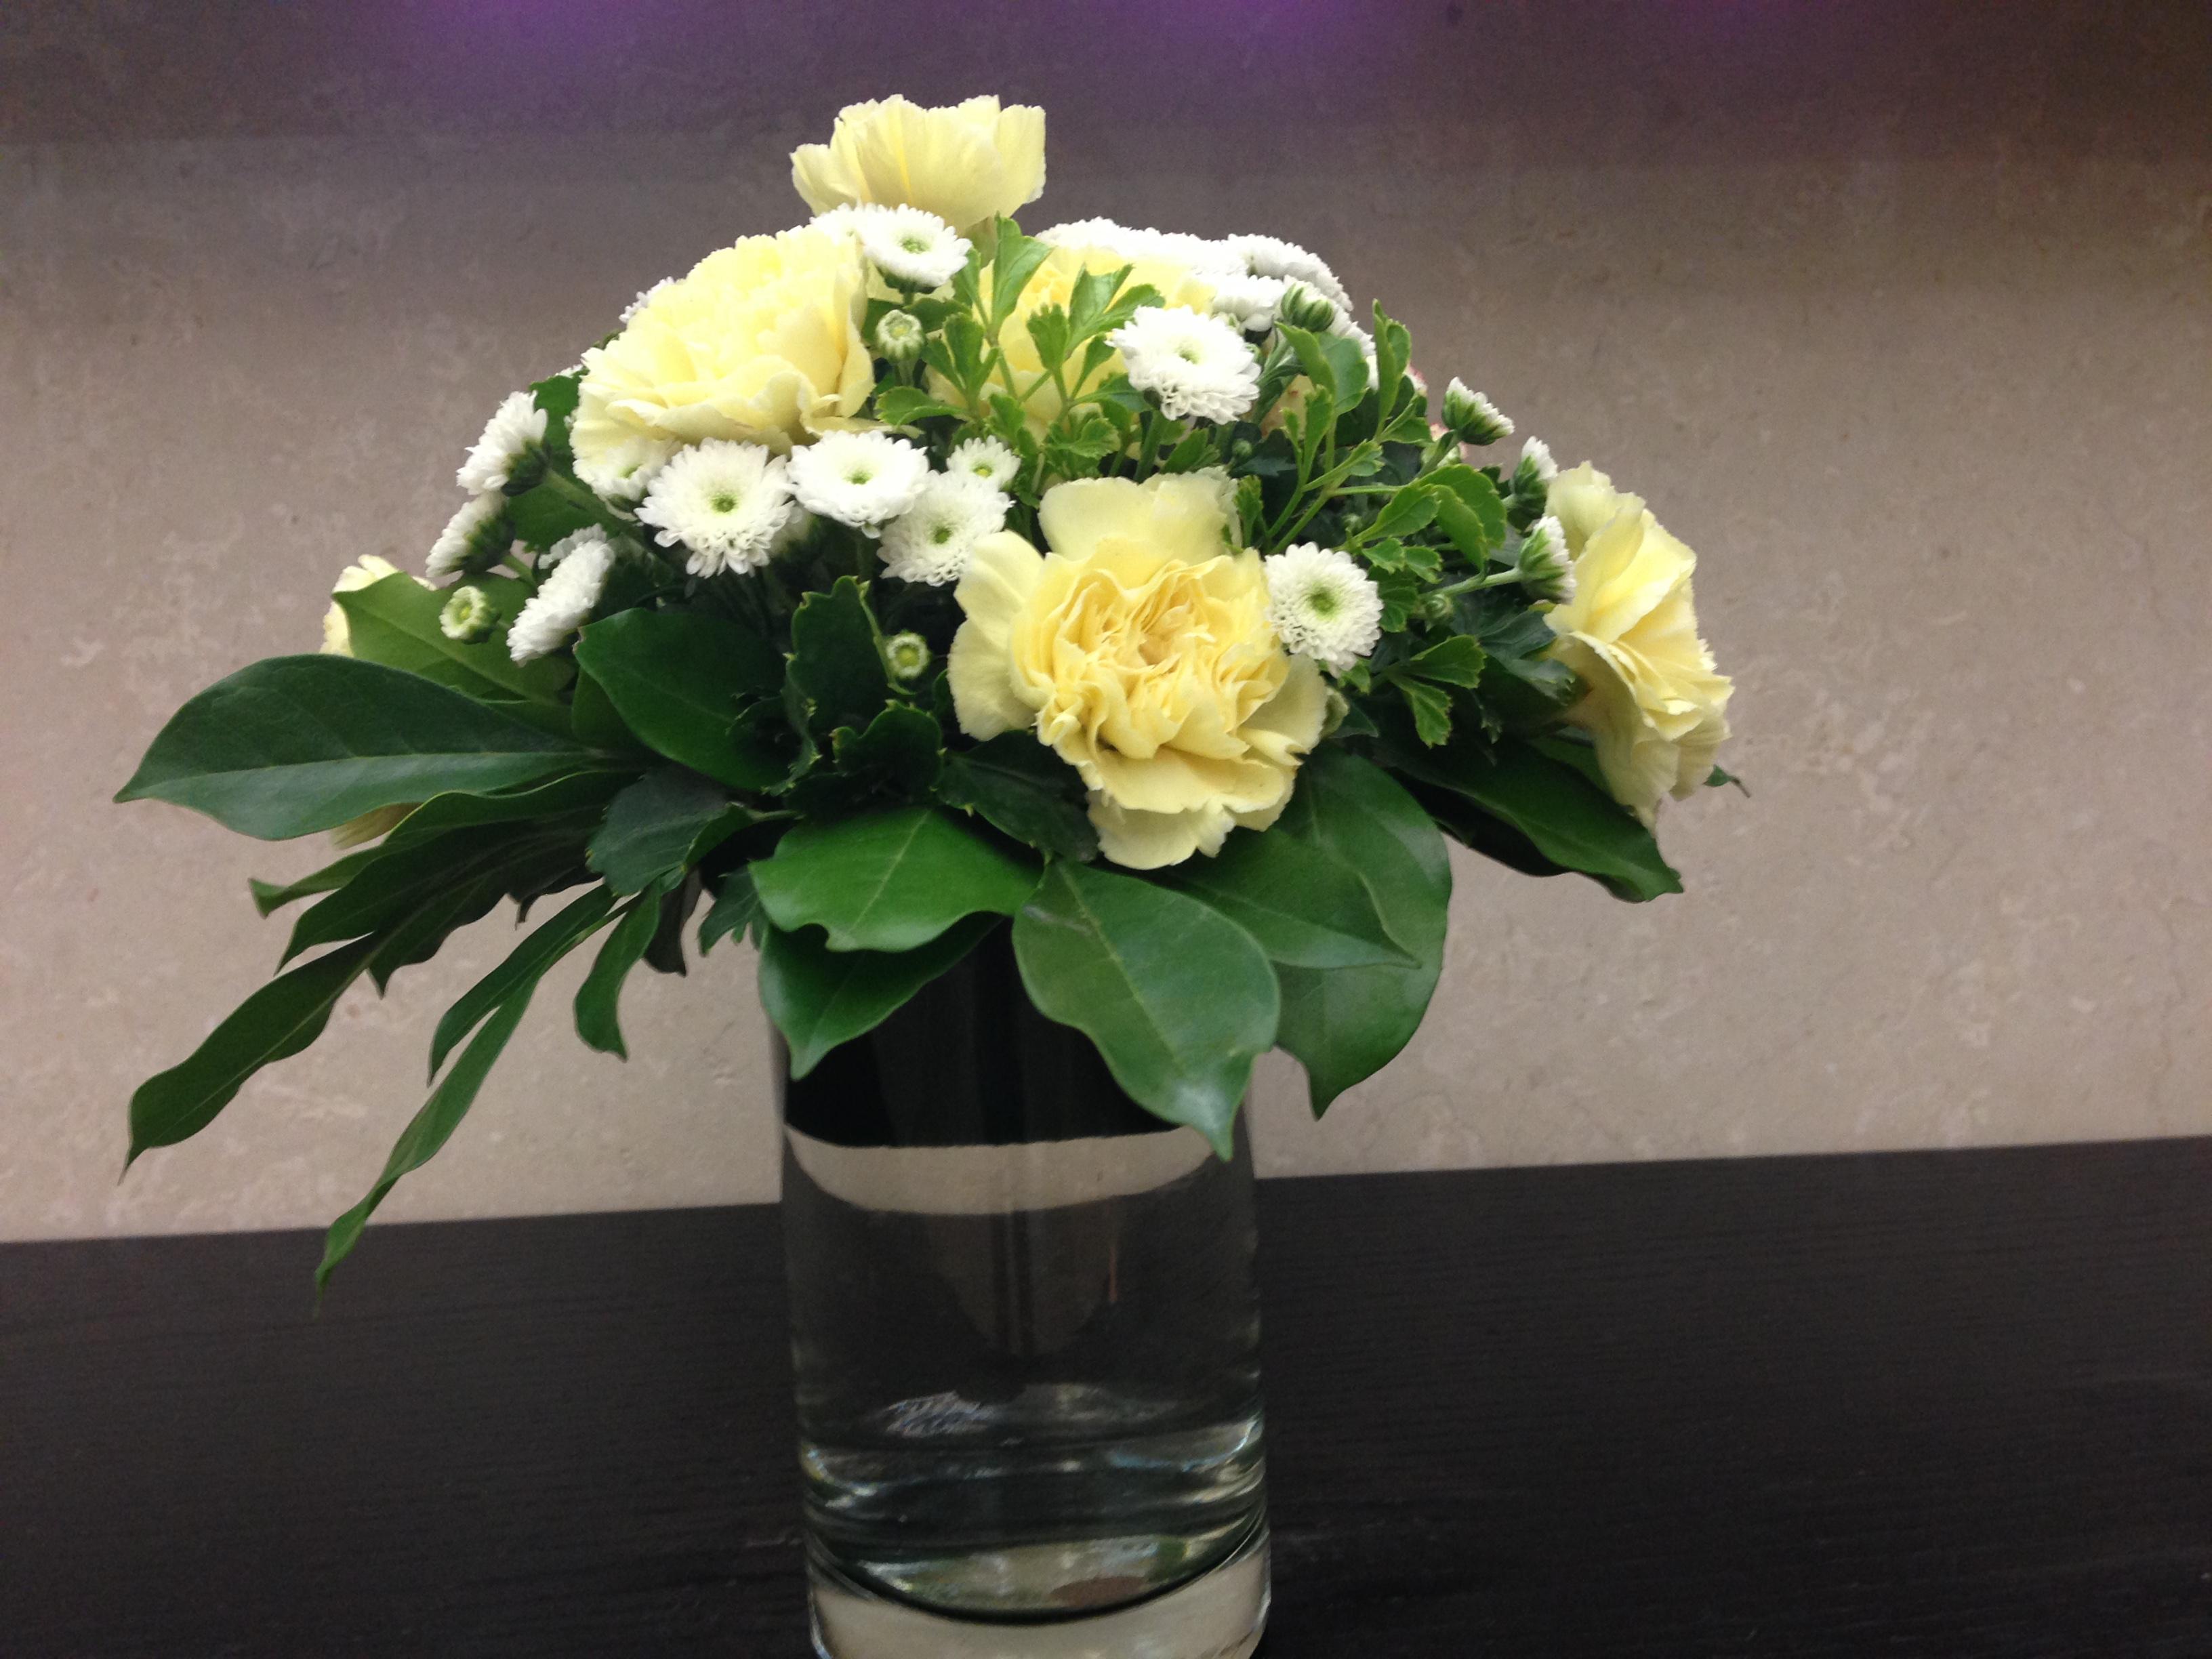 Hướng dẫn cách cắm hoa cúc đẹp nhỏ nhắn xinh xắn hình 7